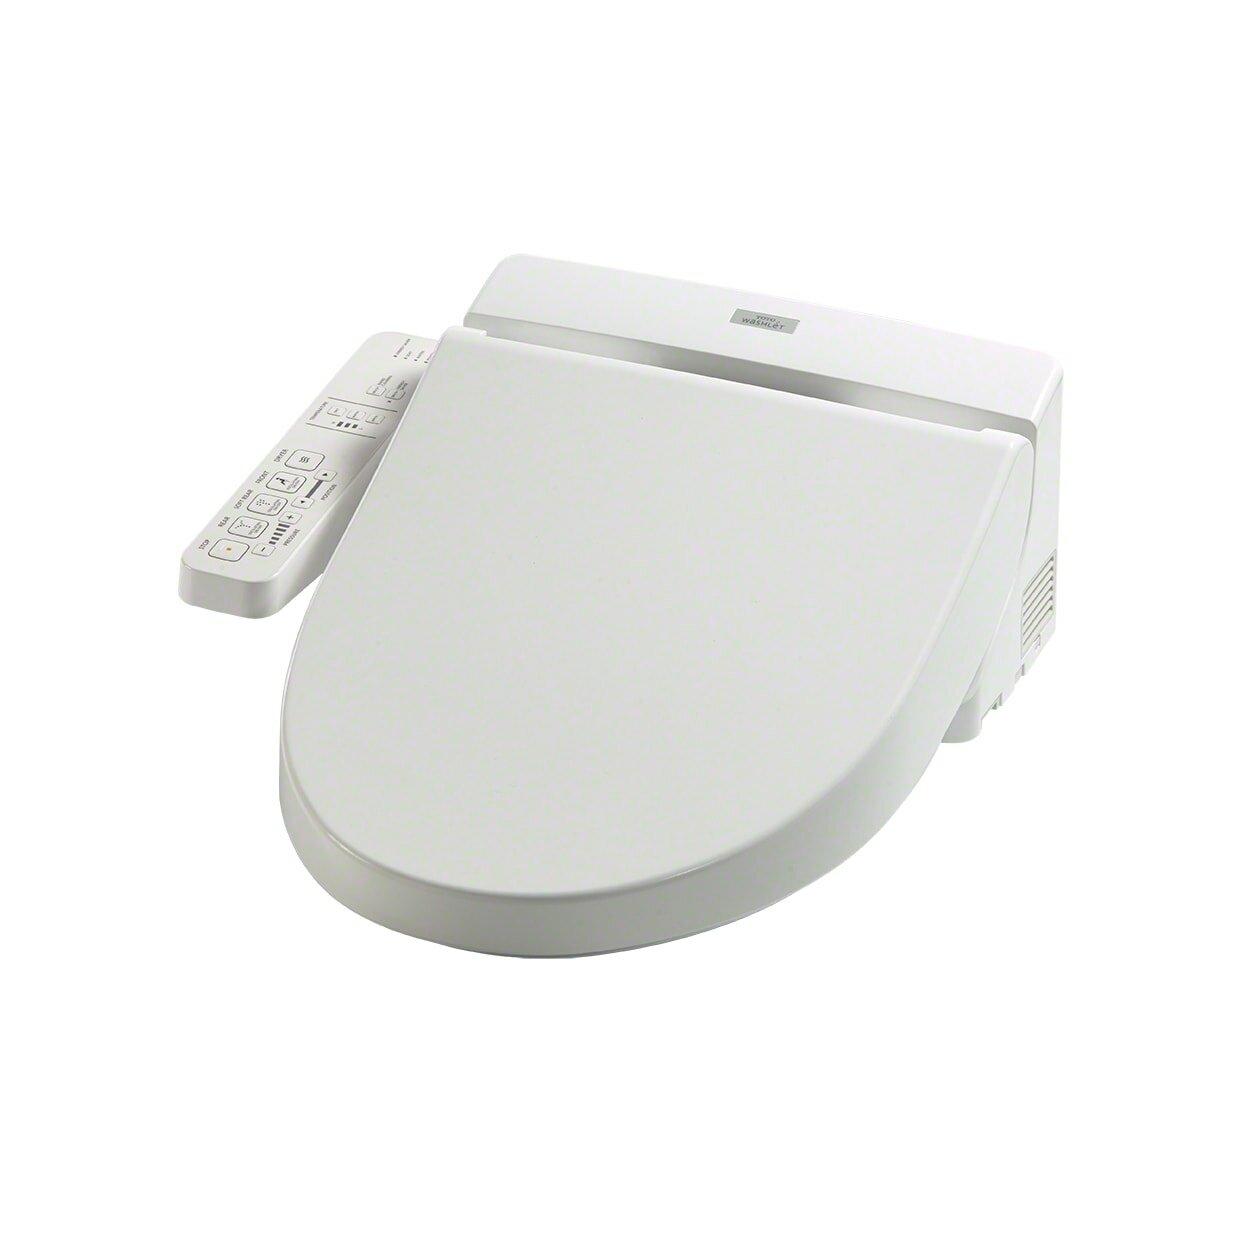 Toto Washlet C100 Toilet Seat Bidet & Reviews | Wayfair